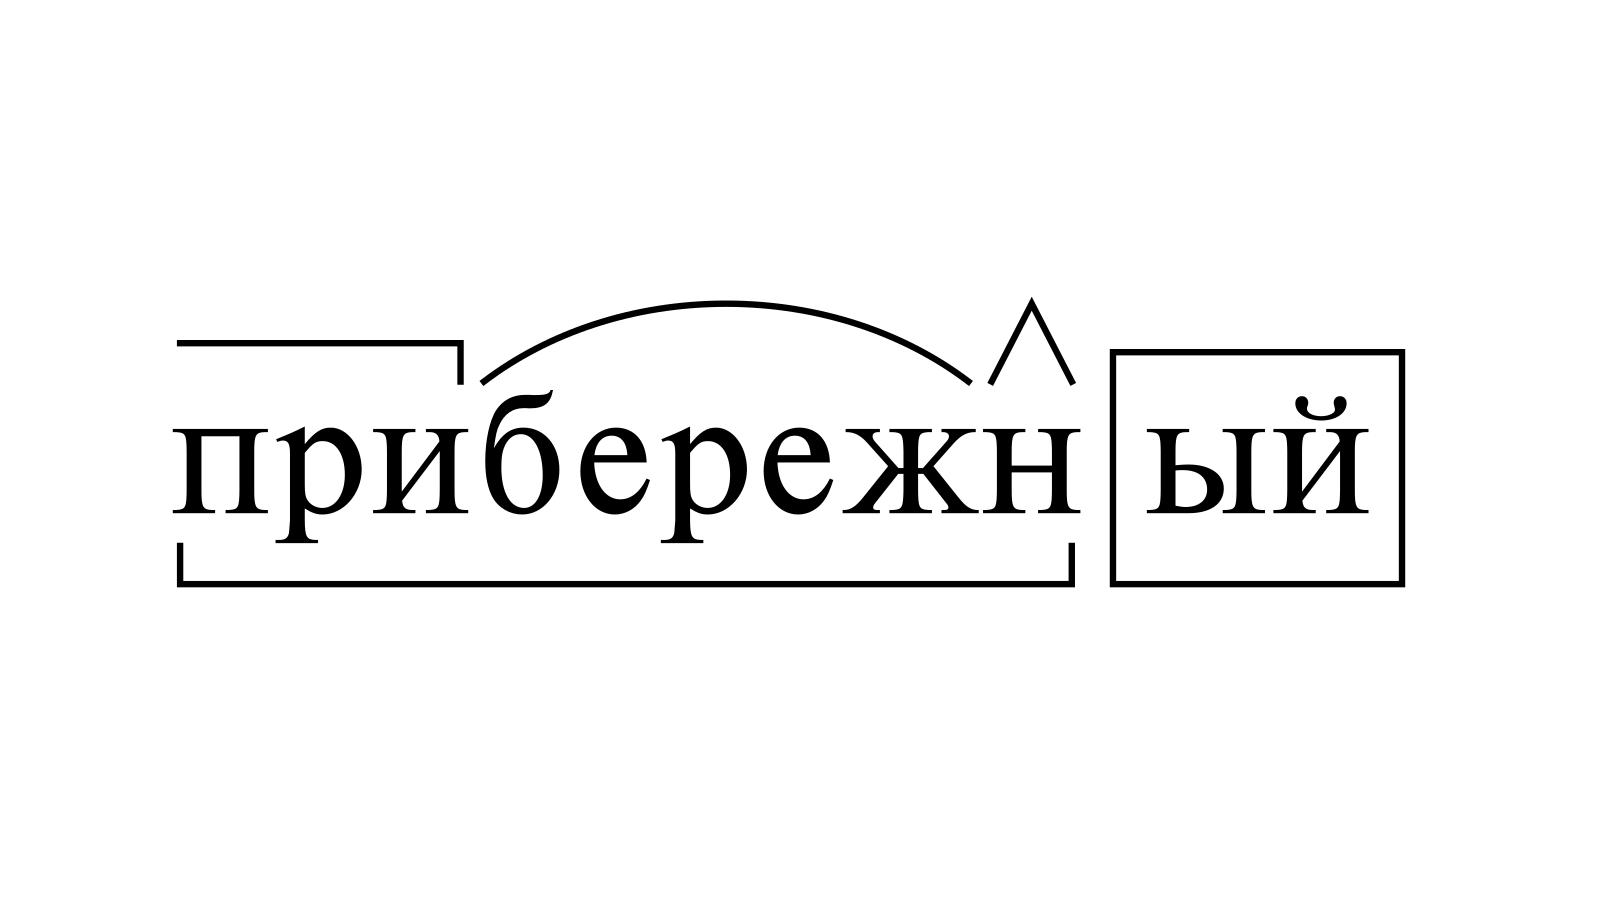 Разбор слова «прибережный» по составу